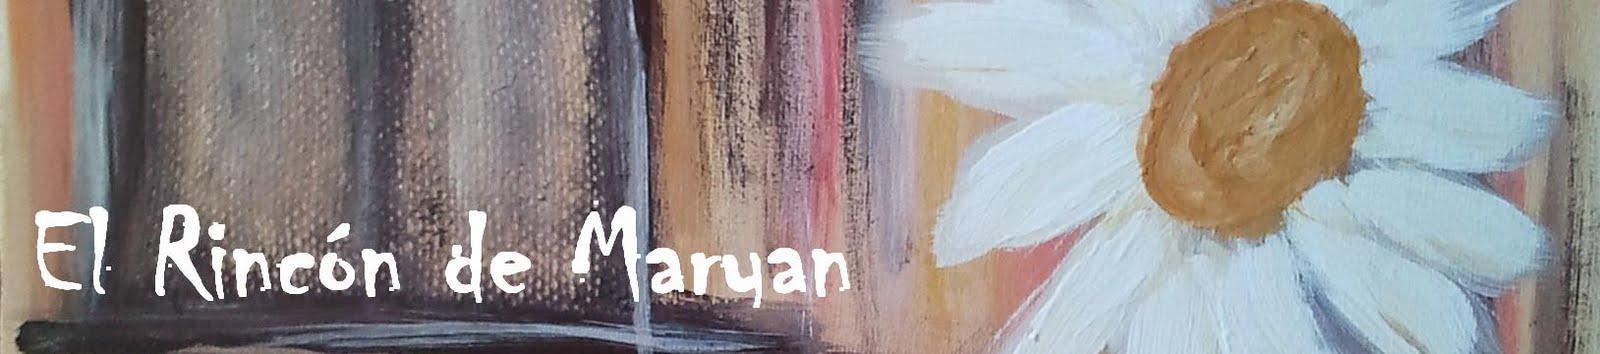 El Rincon de Maryan